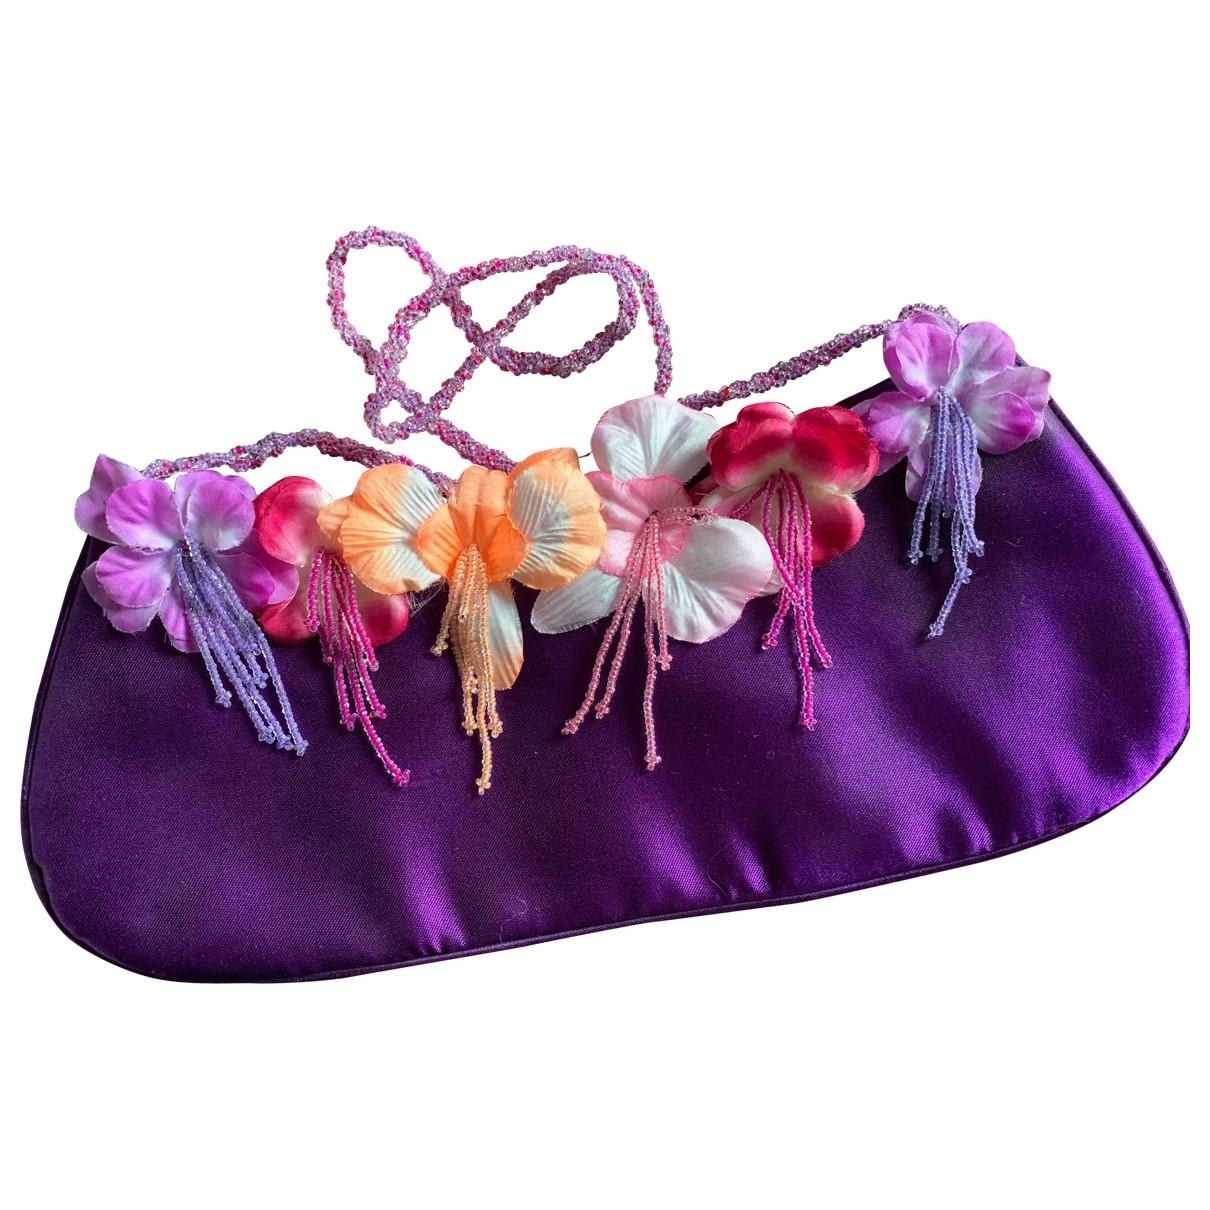 Tara Jarmon - Sac a main   pour femme en soie - violet